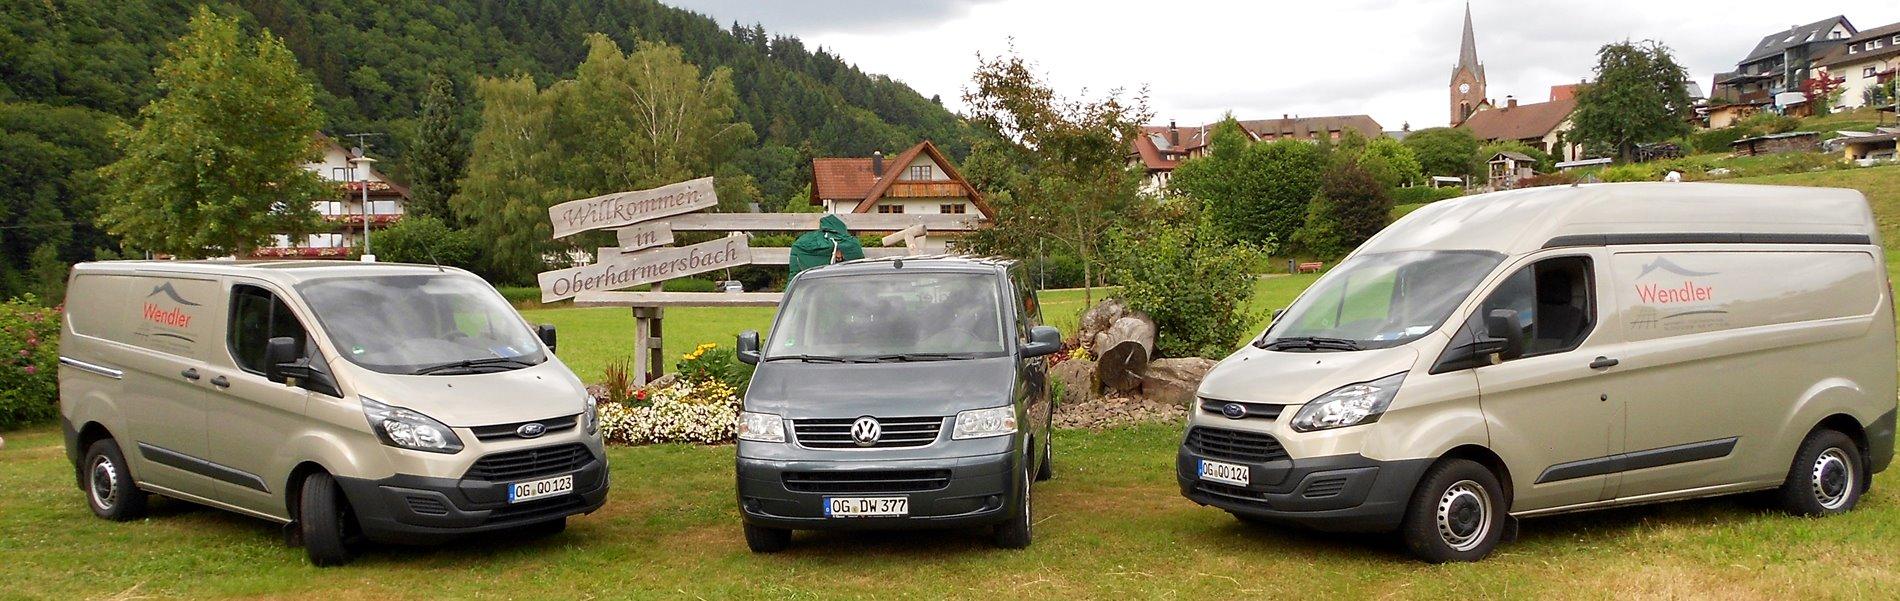 ulli-wendler-startseite-oberharmersbach-fuhrpark